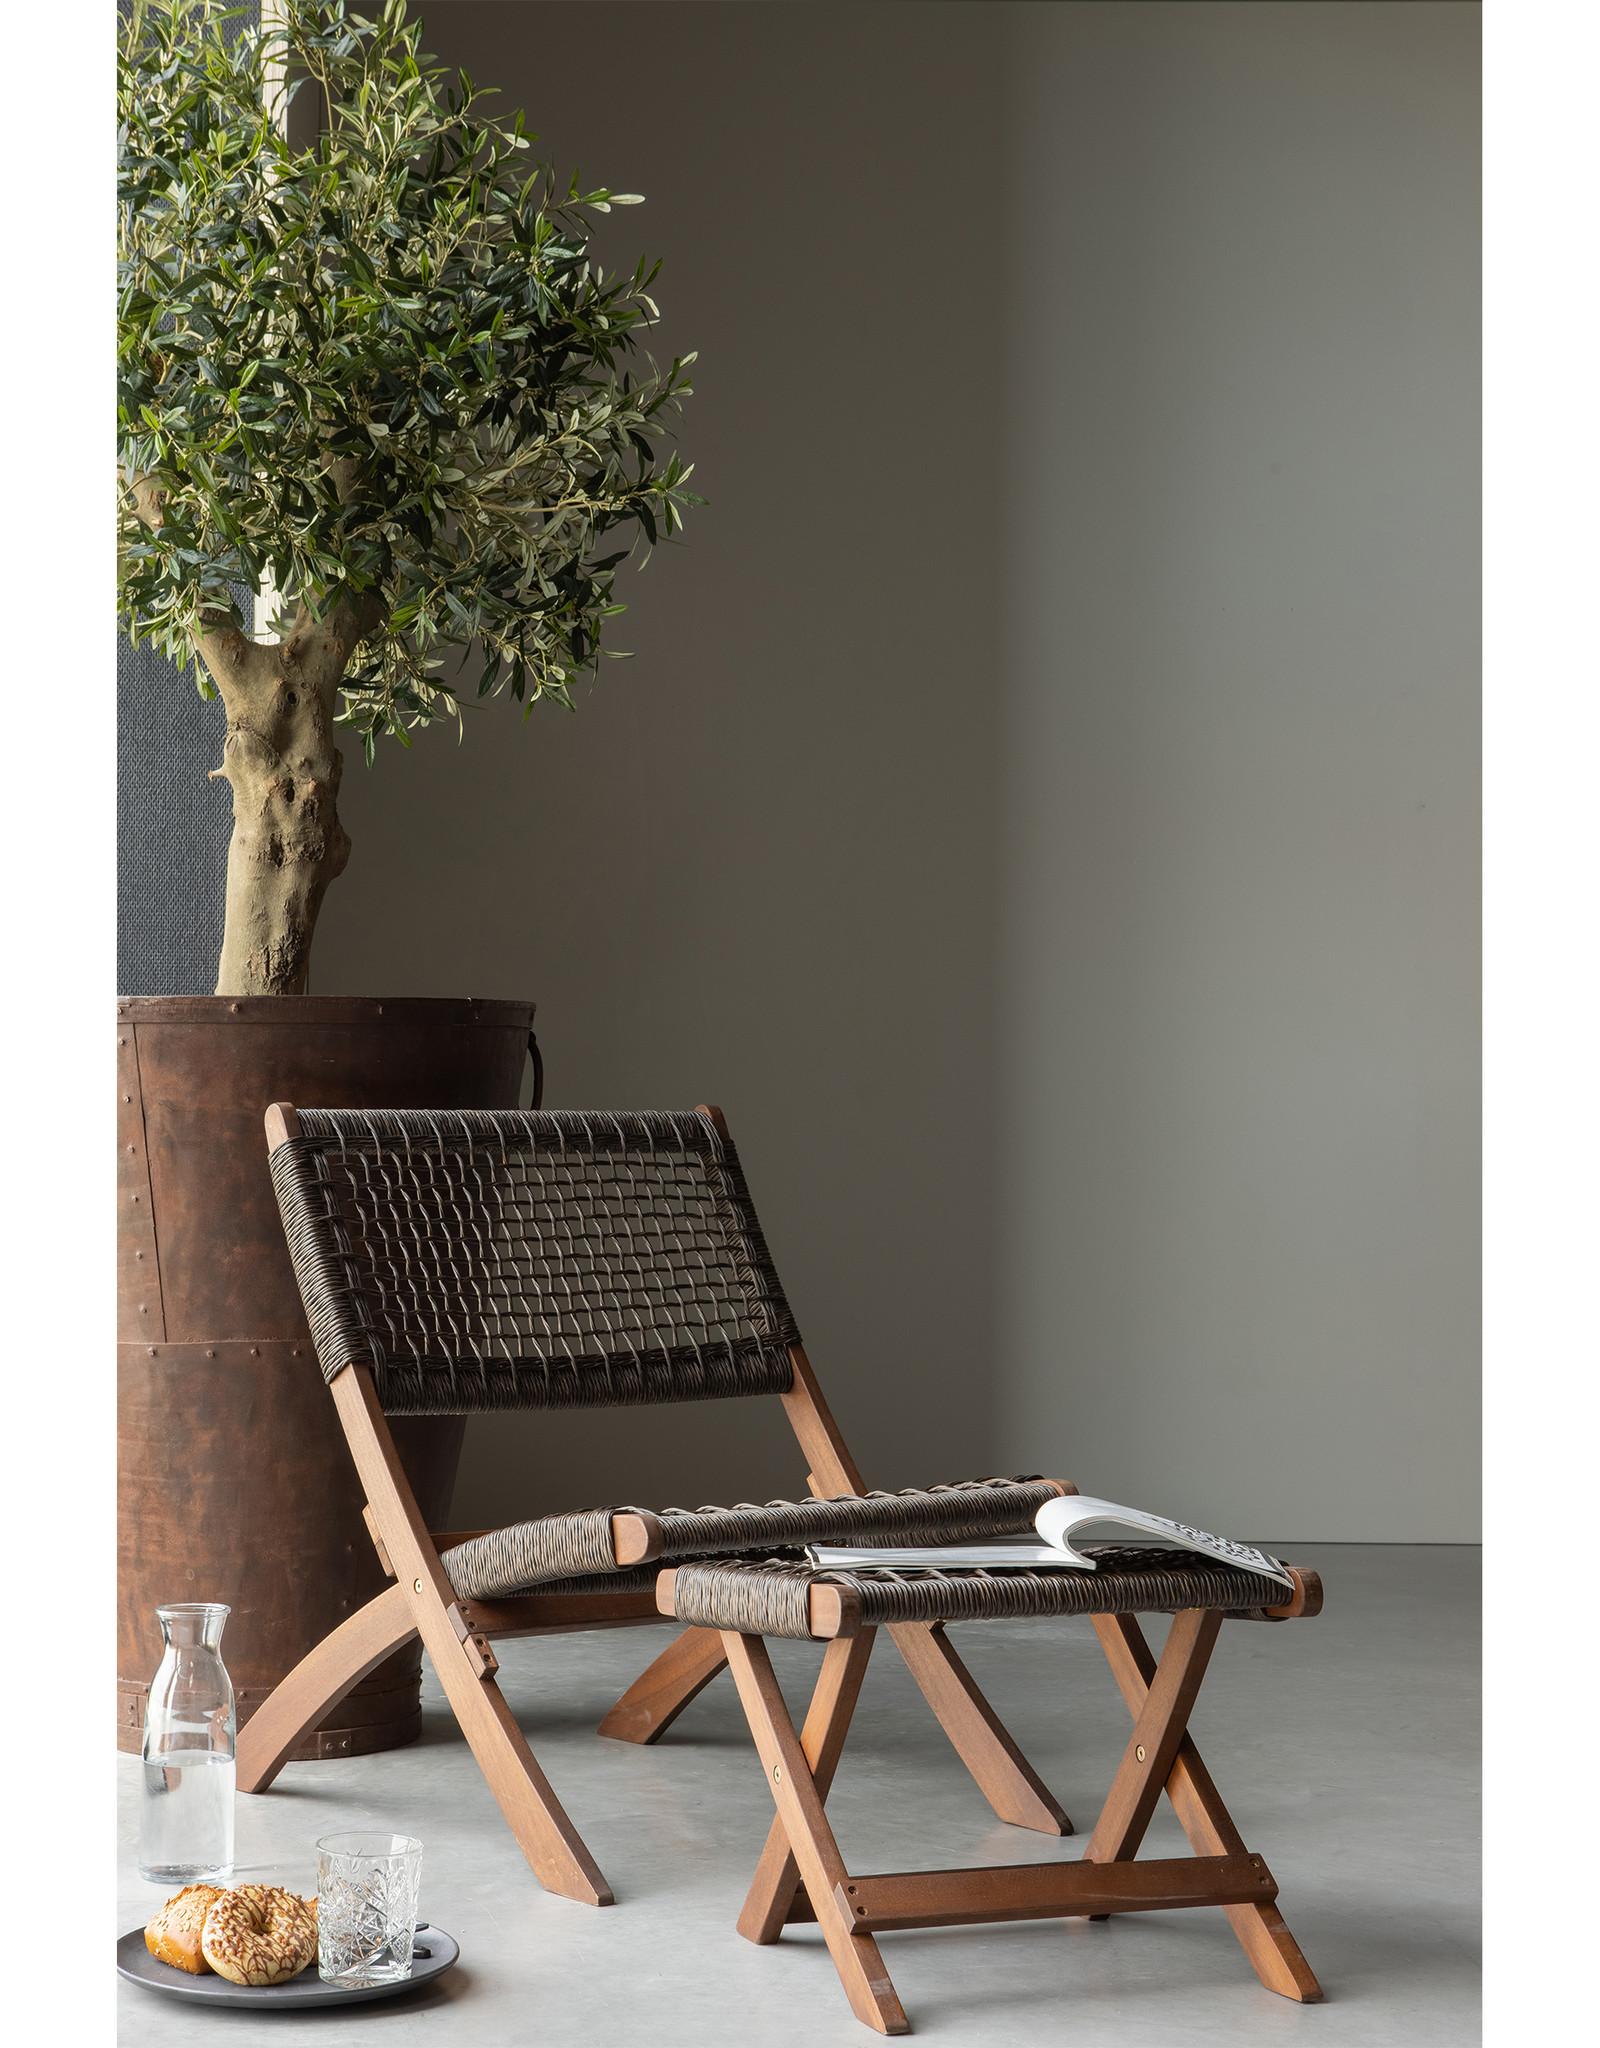 Outdoor Poef hout - bruin